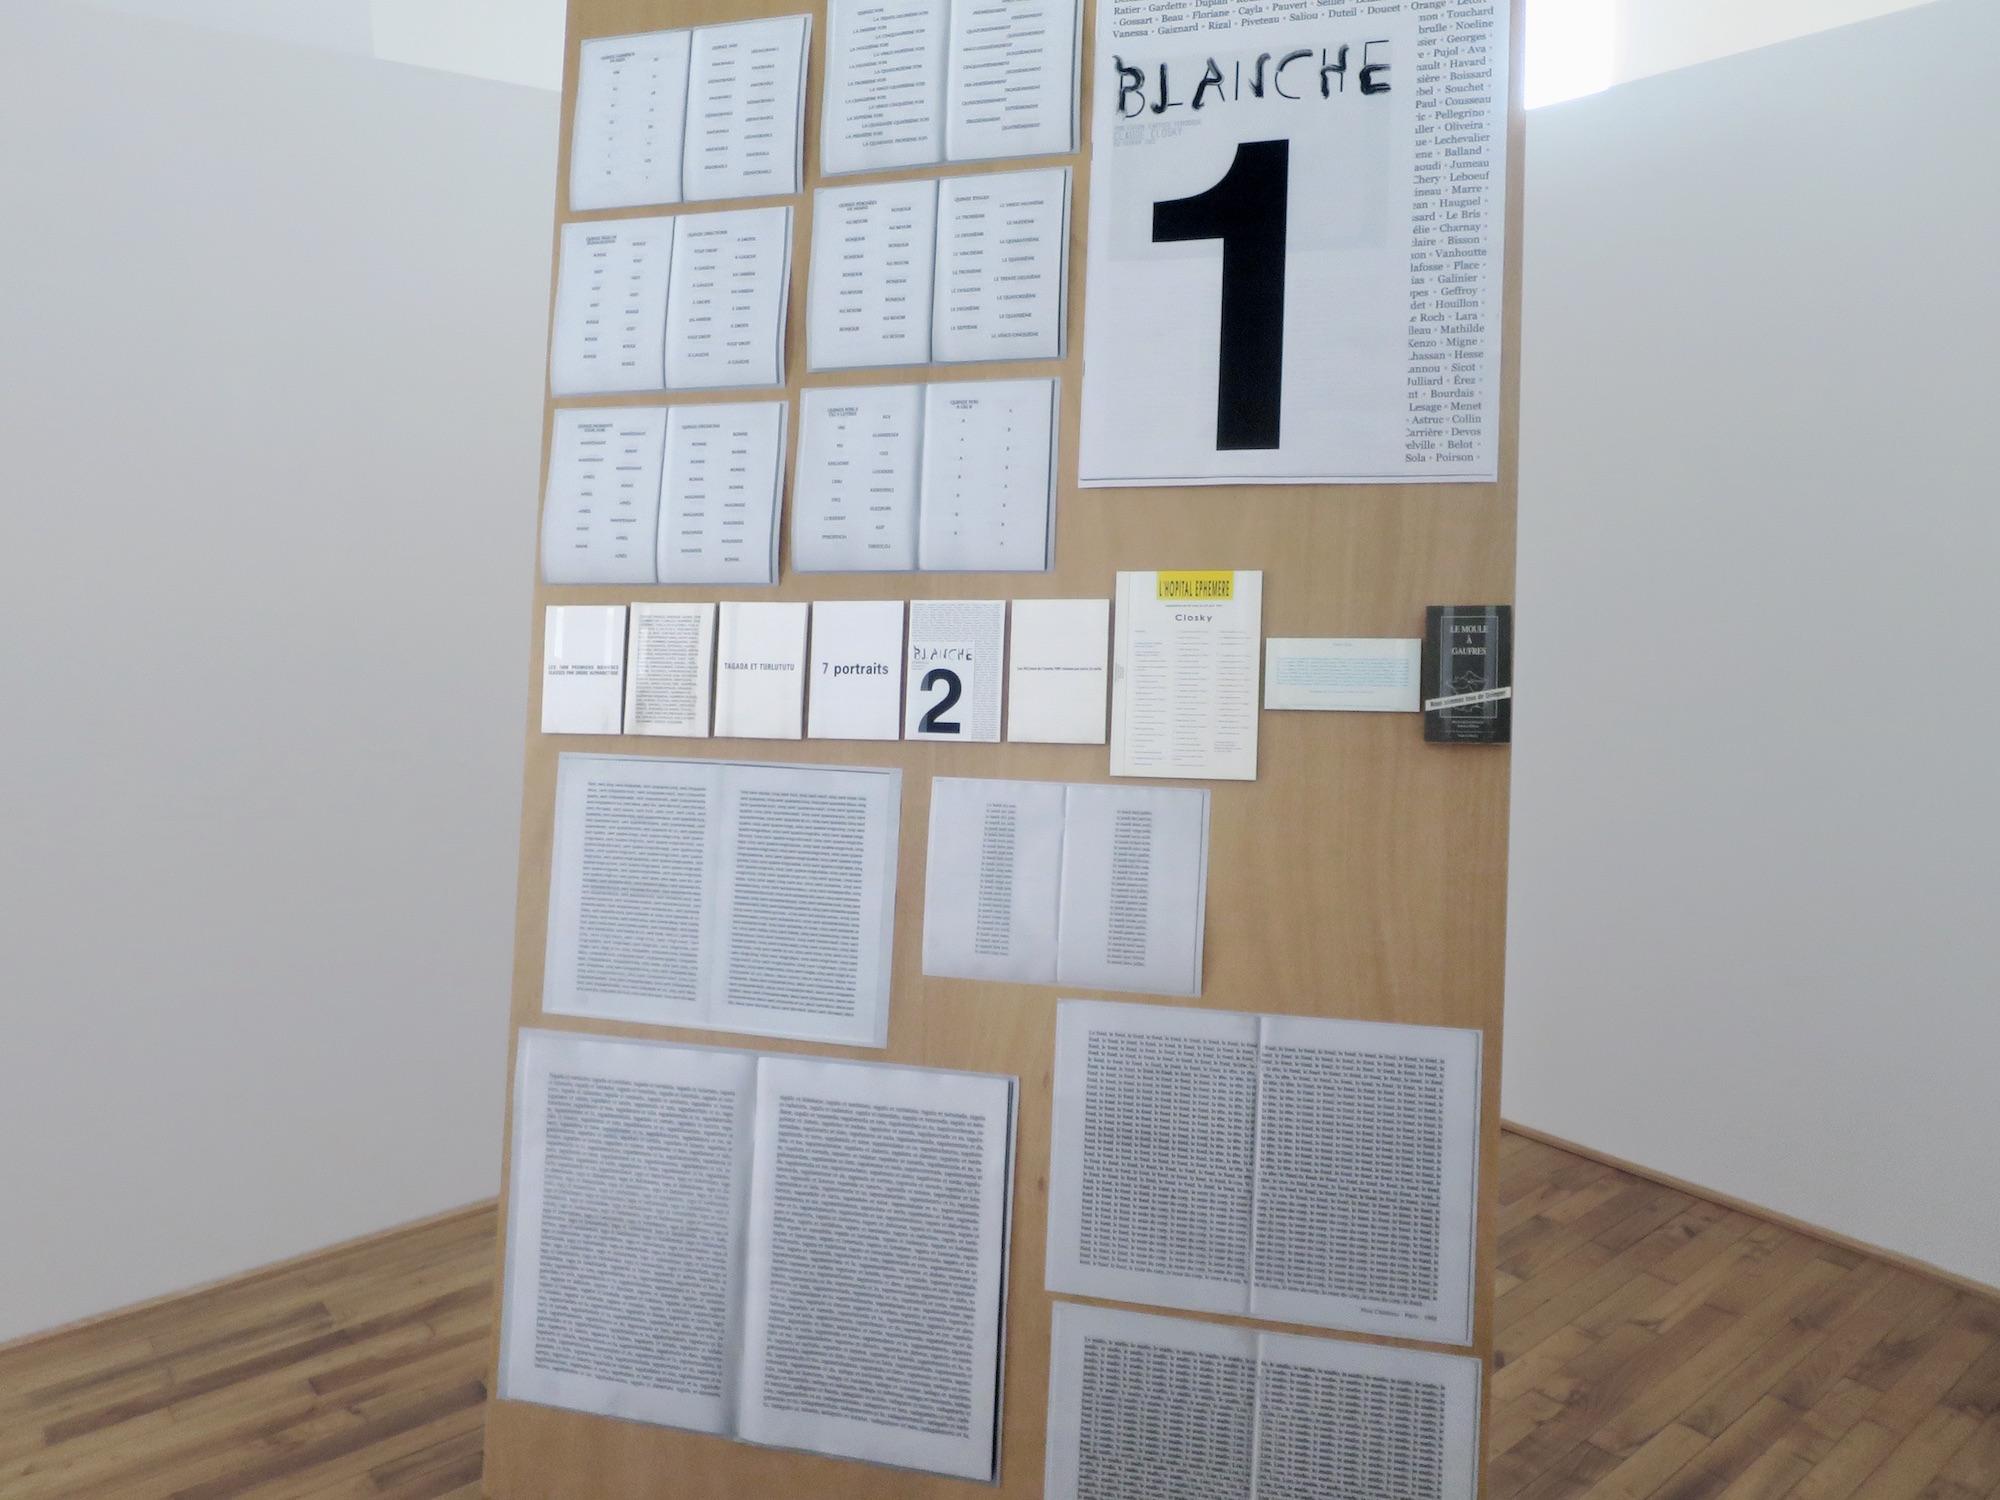 Claude Closky, 'ILUO,' Centre des livres d'artistes (CDLA), Saint-Yrieix-la-Perche. 23 June - 16 September 2017. Curated by Christian Lebrat, Didier Mathieu. Salle 1 entrée.jpg